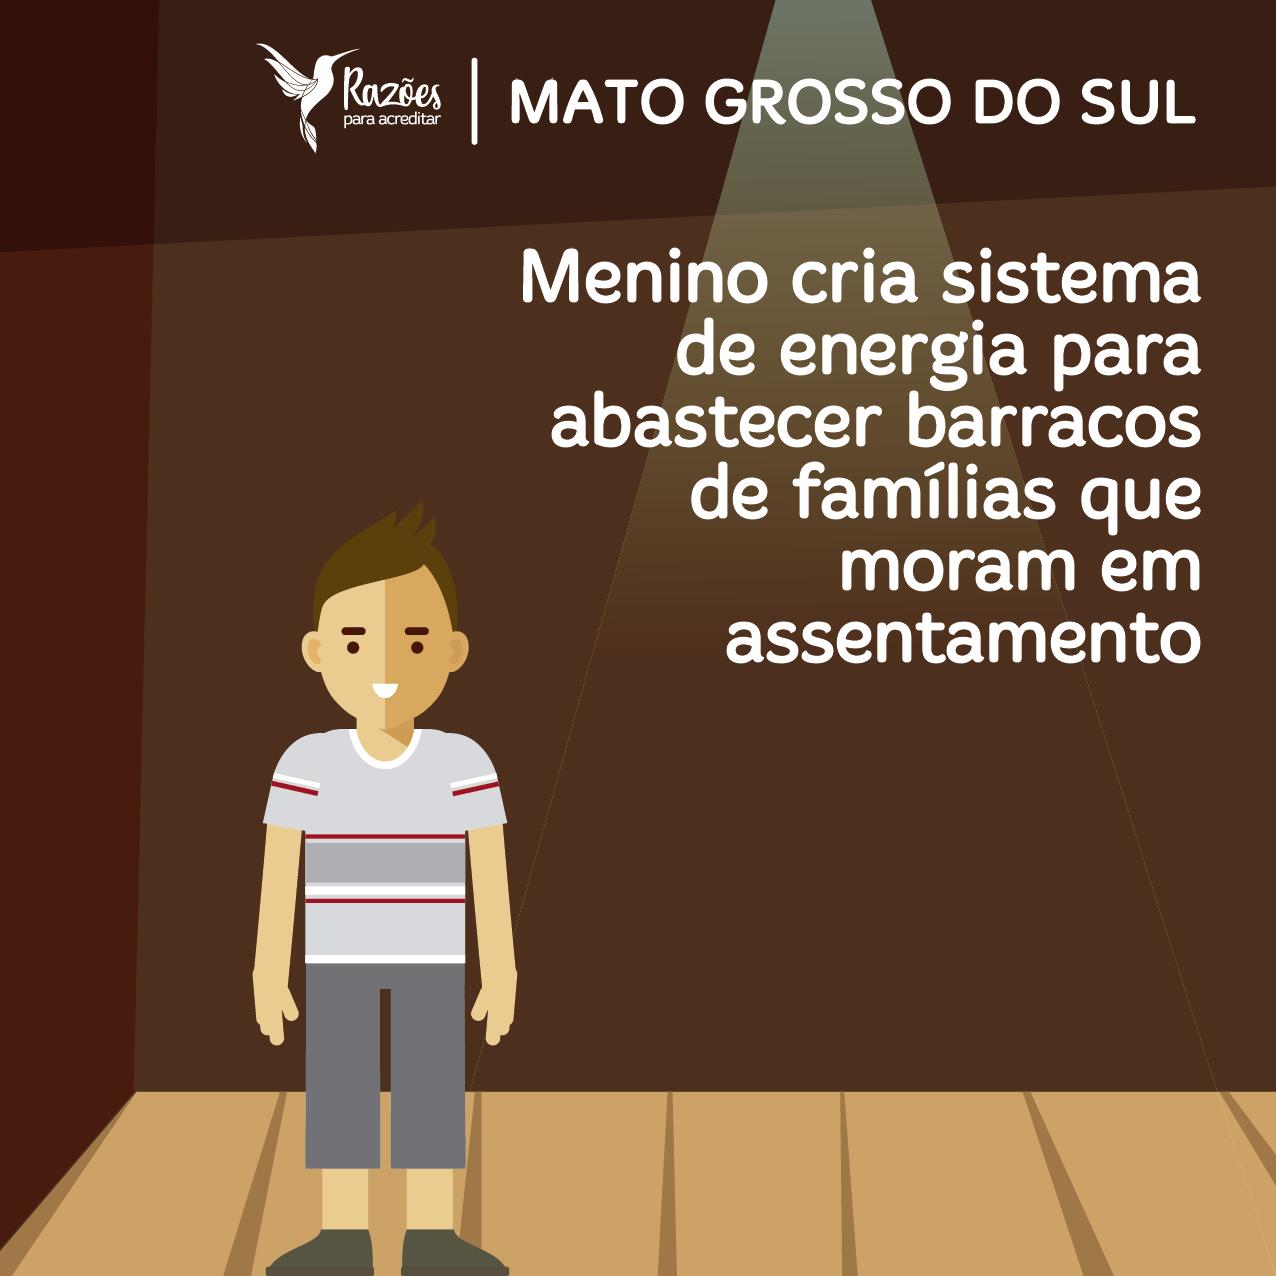 boas notícias ilustrações razões para acreditar Mato Grosso do Sul